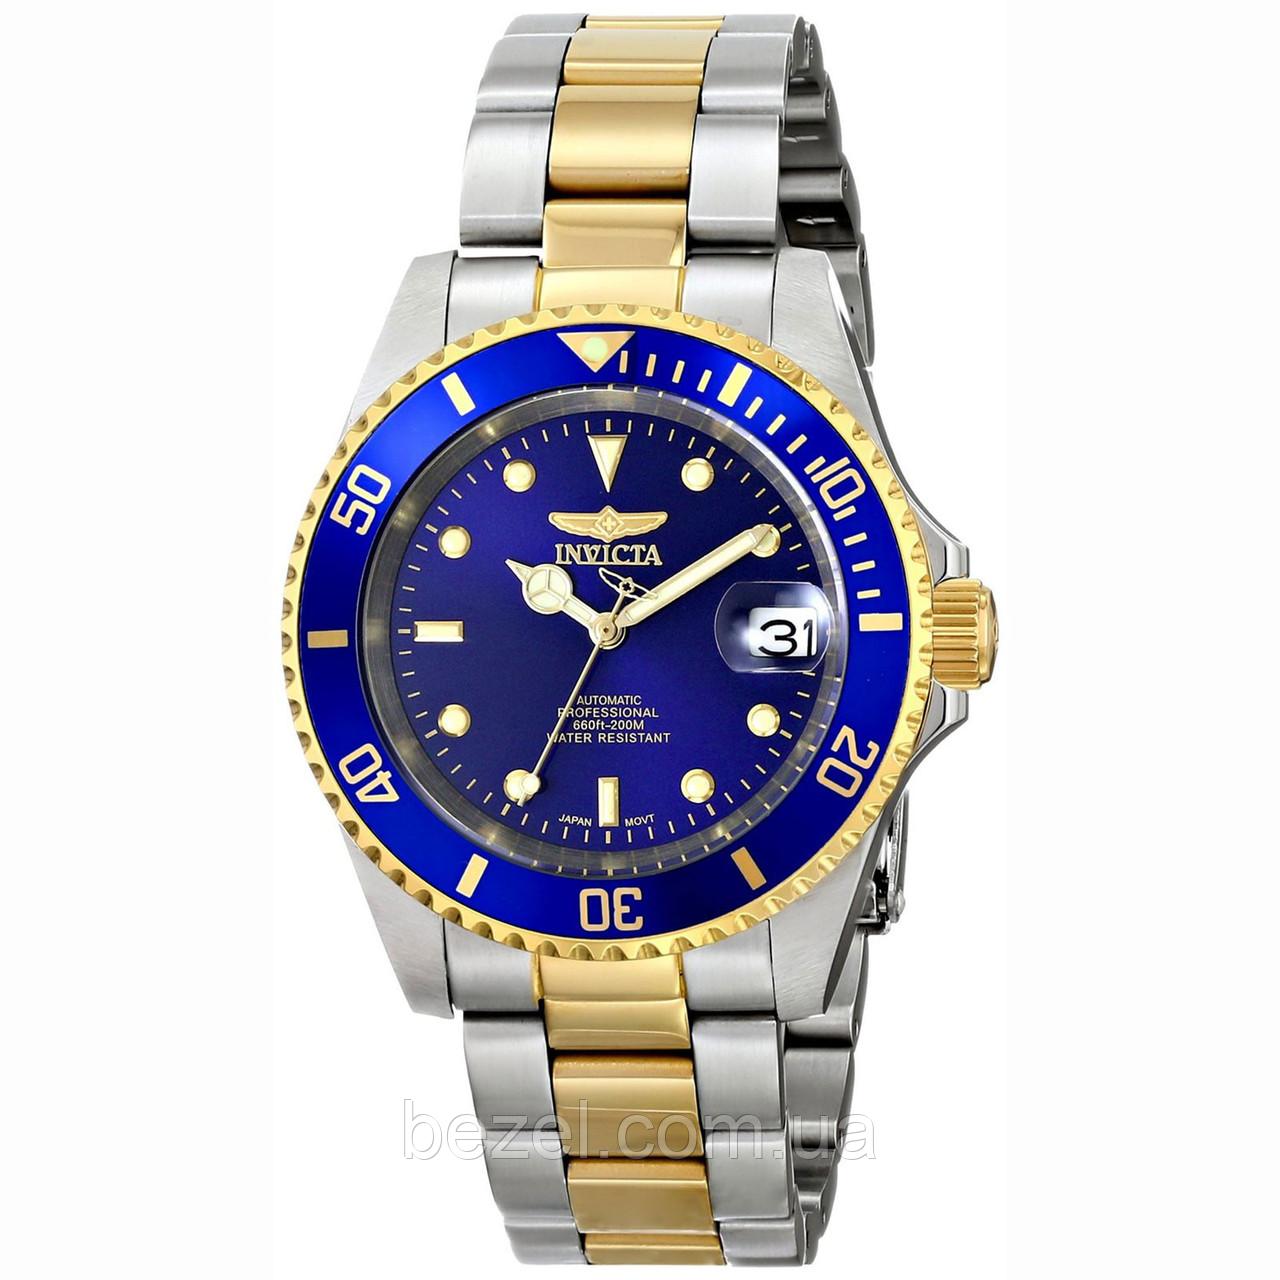 ROLEX Мужские механические часы Invicta Pro Diver 8928OB Инвикта швейцарские  для дайвинга c0523e922ba